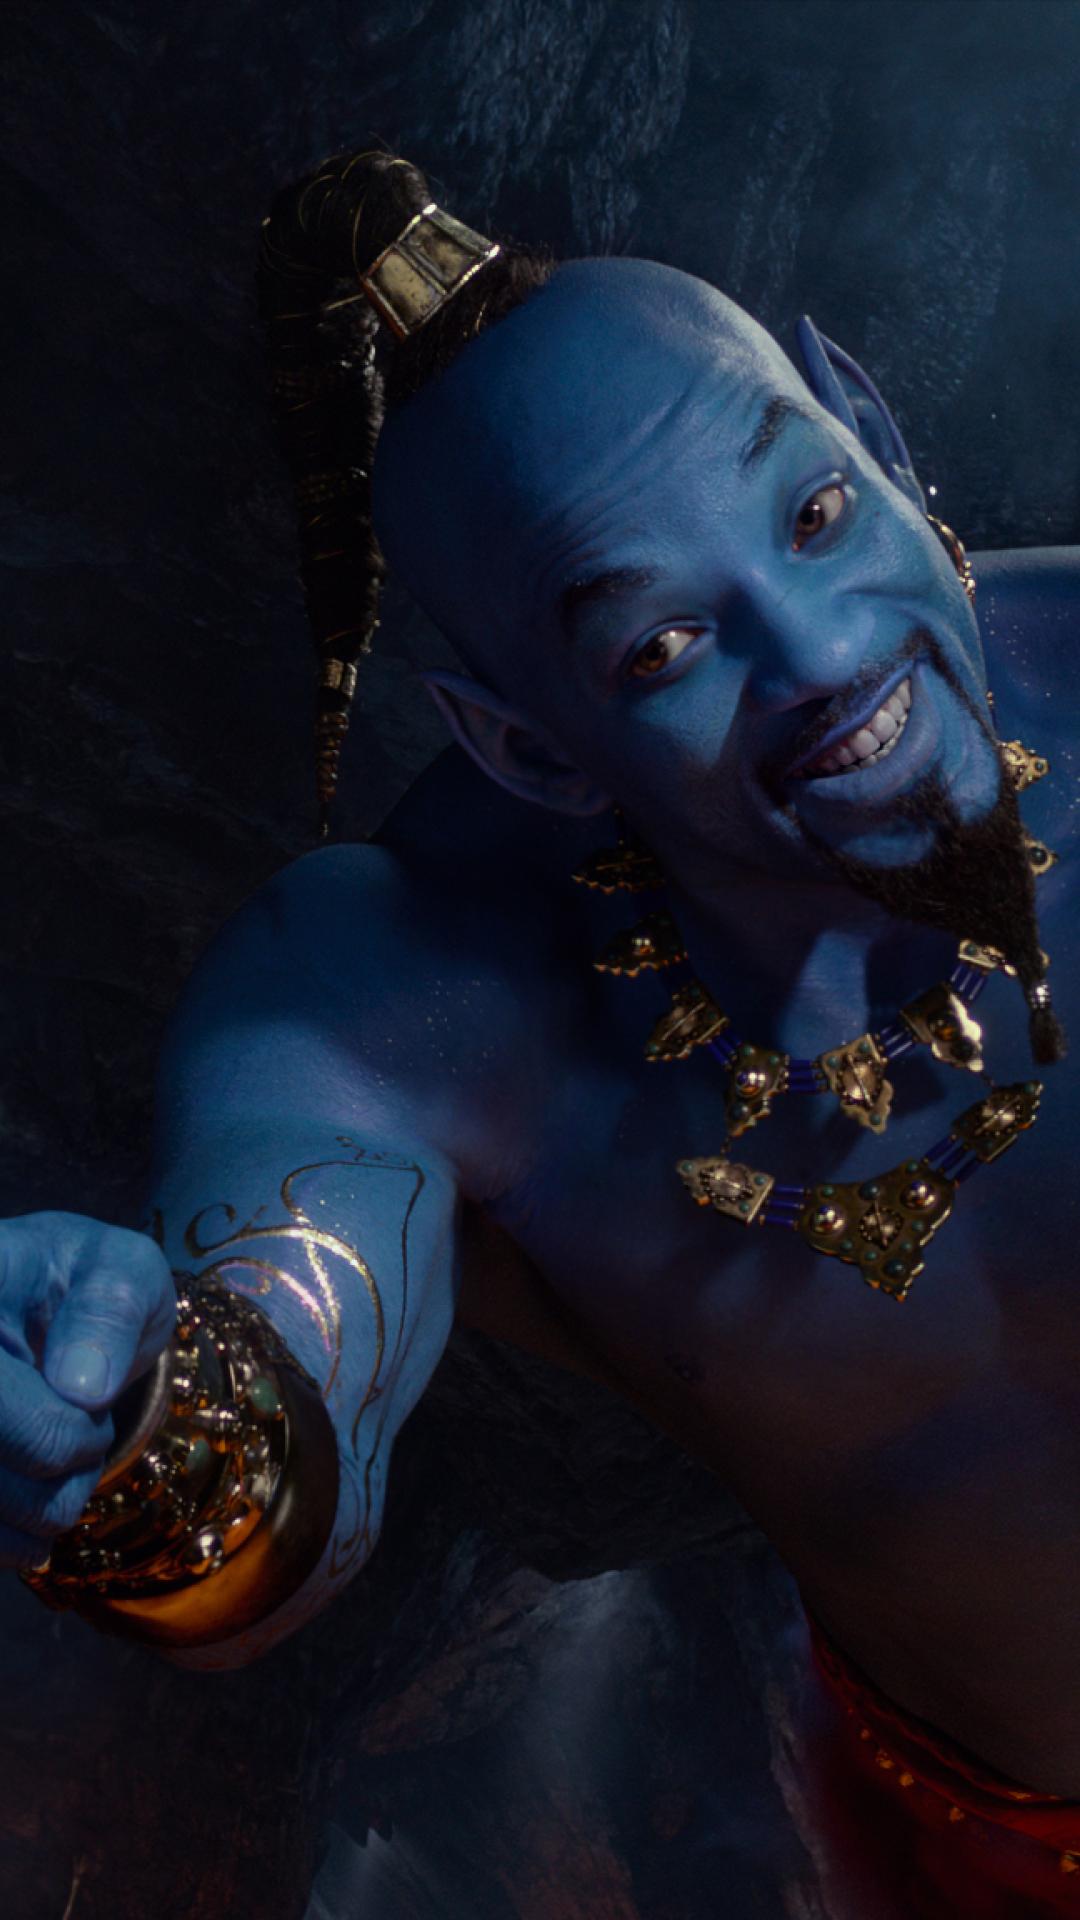 1080x1920 Will Smith as Genie In Aladdin Movie 2019 Iphone 7 6s 1080x1920